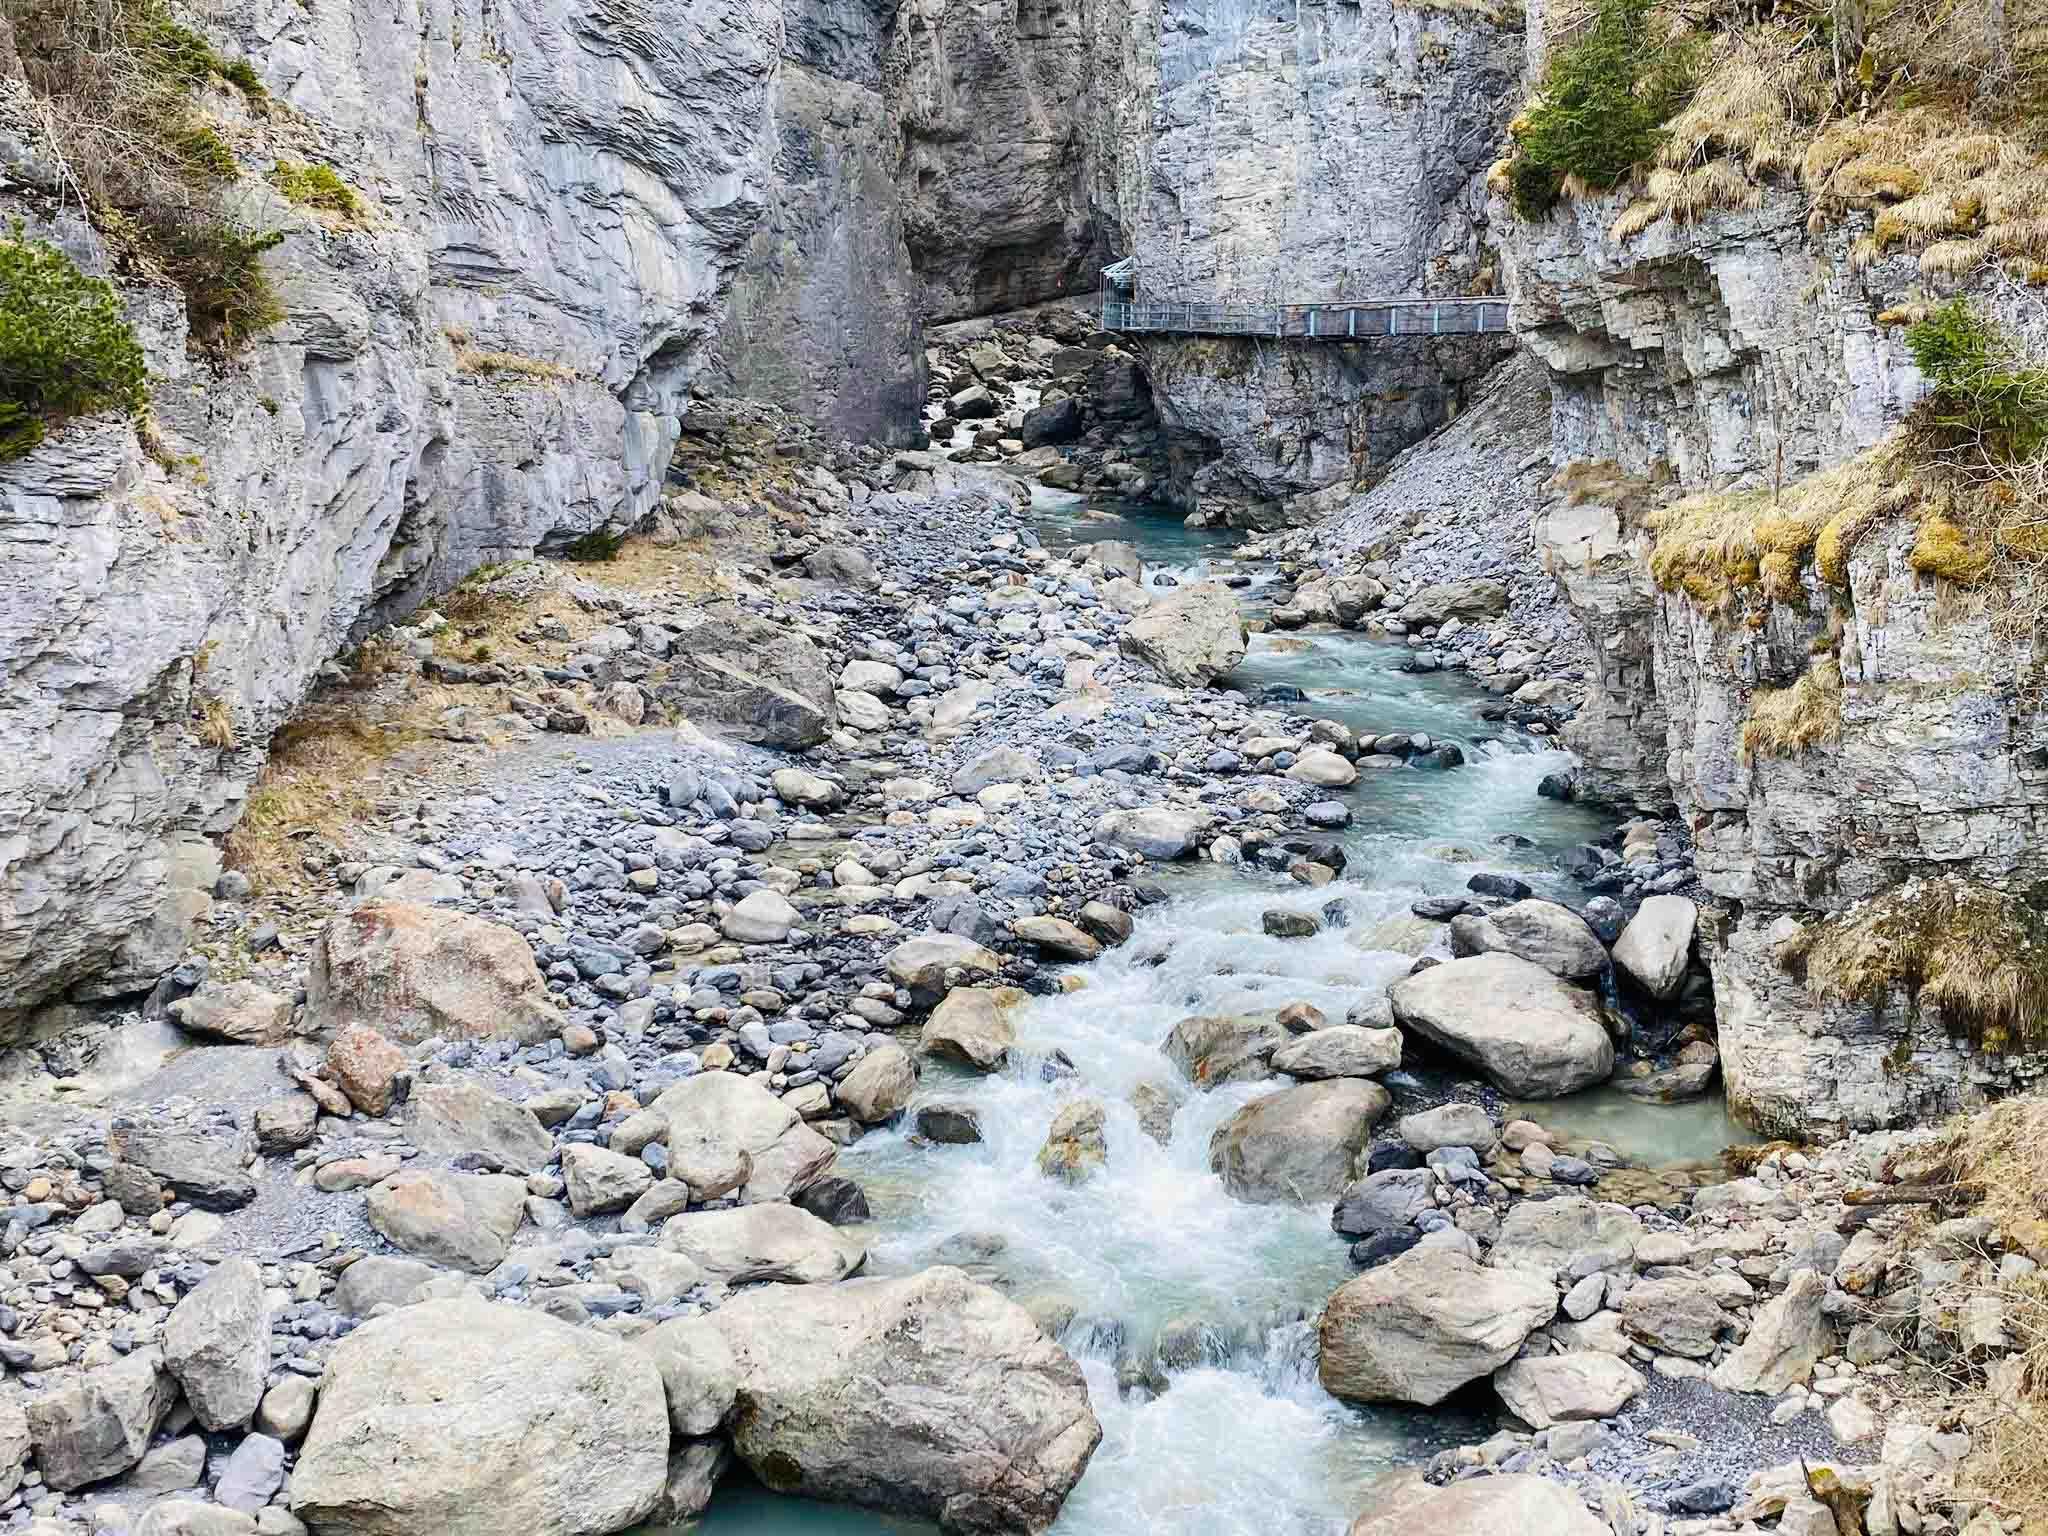 Ferienwohnung Chalet Anemone Grindelwald-Gletscherschlucht Grindelwald